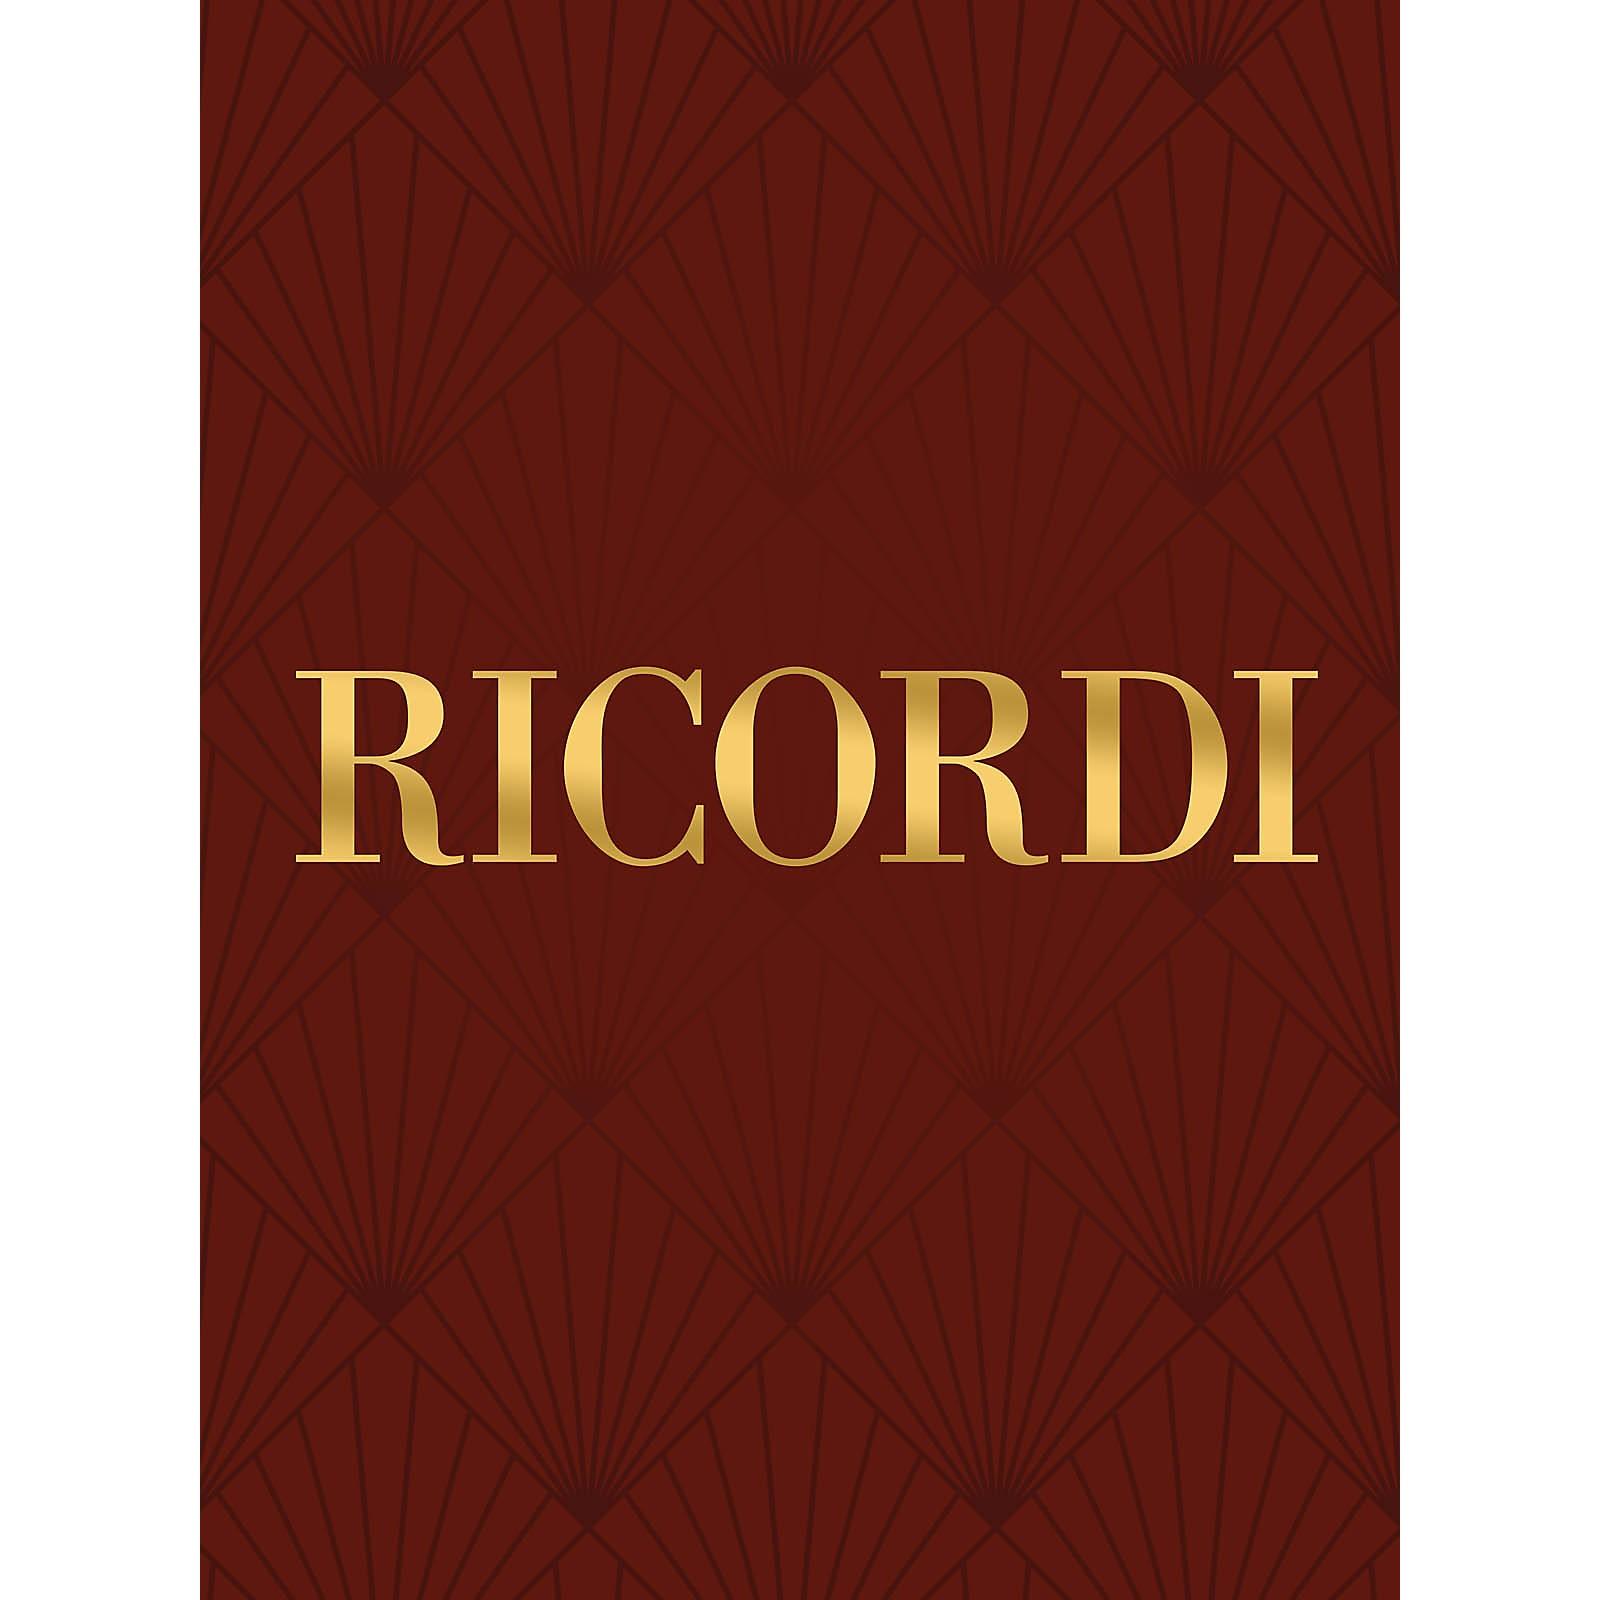 Ricordi 100 Studi, Op. 32 - Volume 2 (Violin Method) String Method Series Composed by Hans Sitt